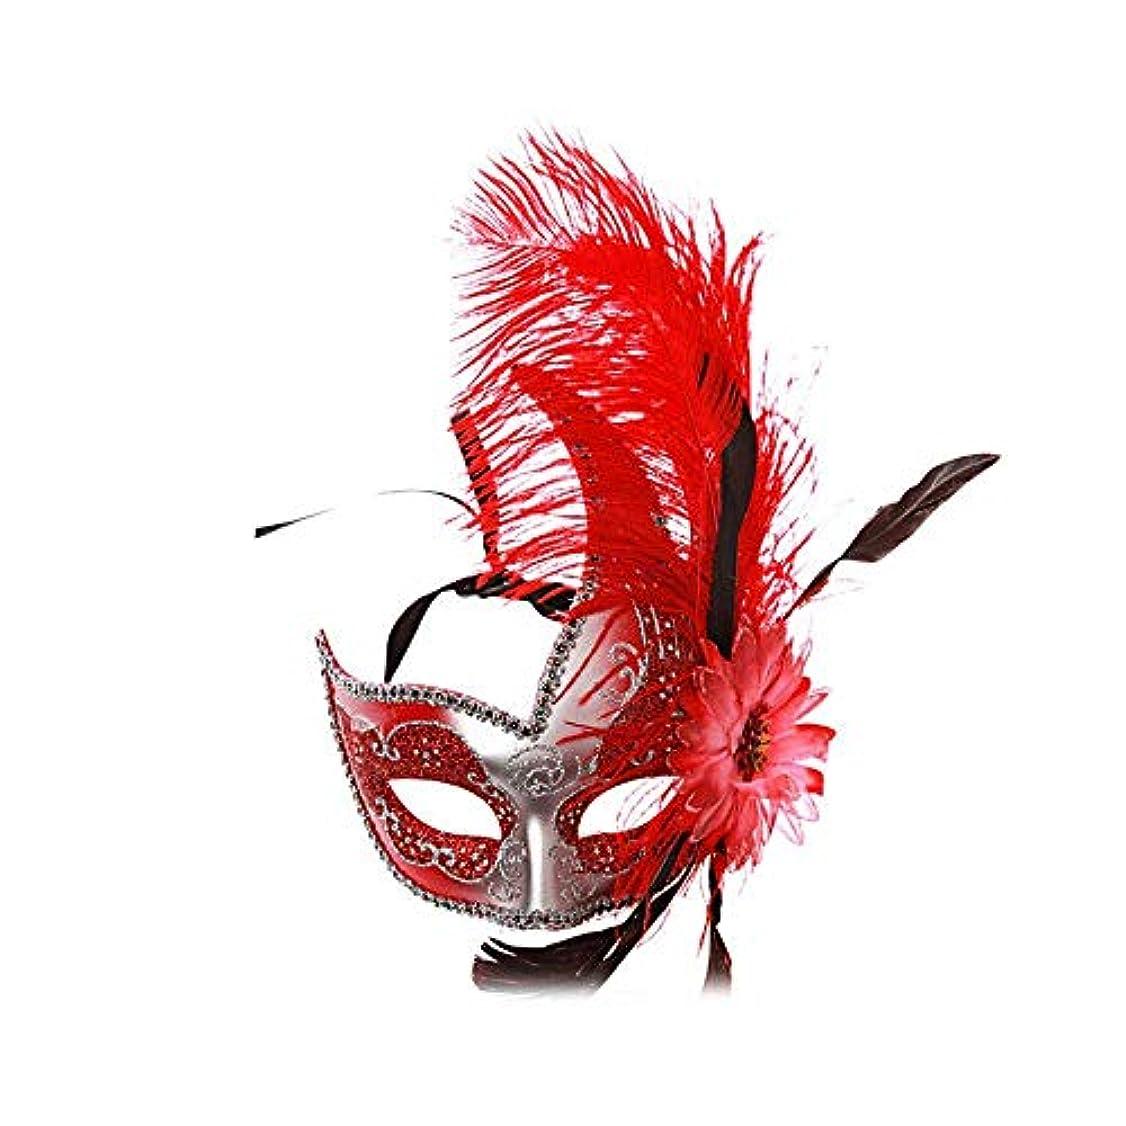 財政見る人促すNanle ハロウィンマスクハーフフェザーマスクベニスプリンセスマスク美容レース仮面ライダーコスプレ (色 : Style B red)